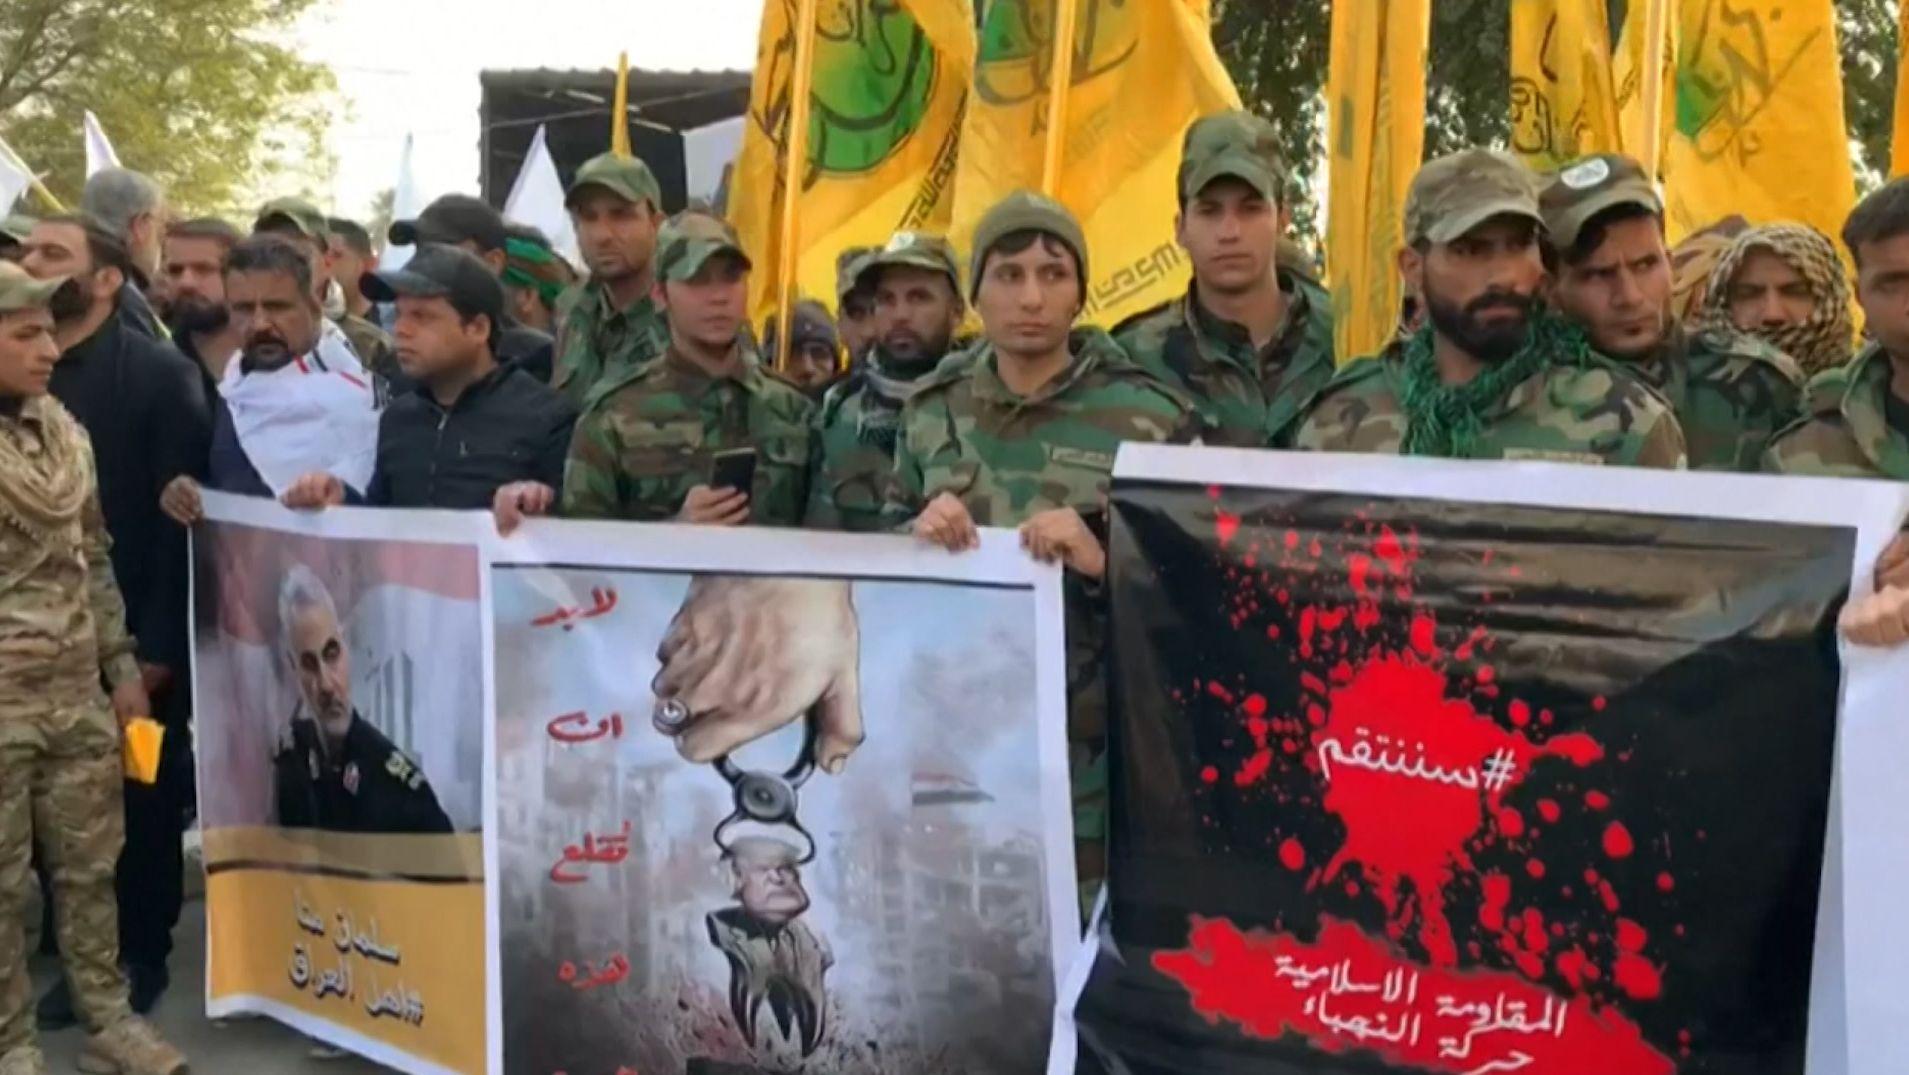 Im Irak, wo General Soleimani durch die USA getötet wurde, nahmen Zehntausende an einem Trauerzug teil und riefen anti-amerikanische Parolen.